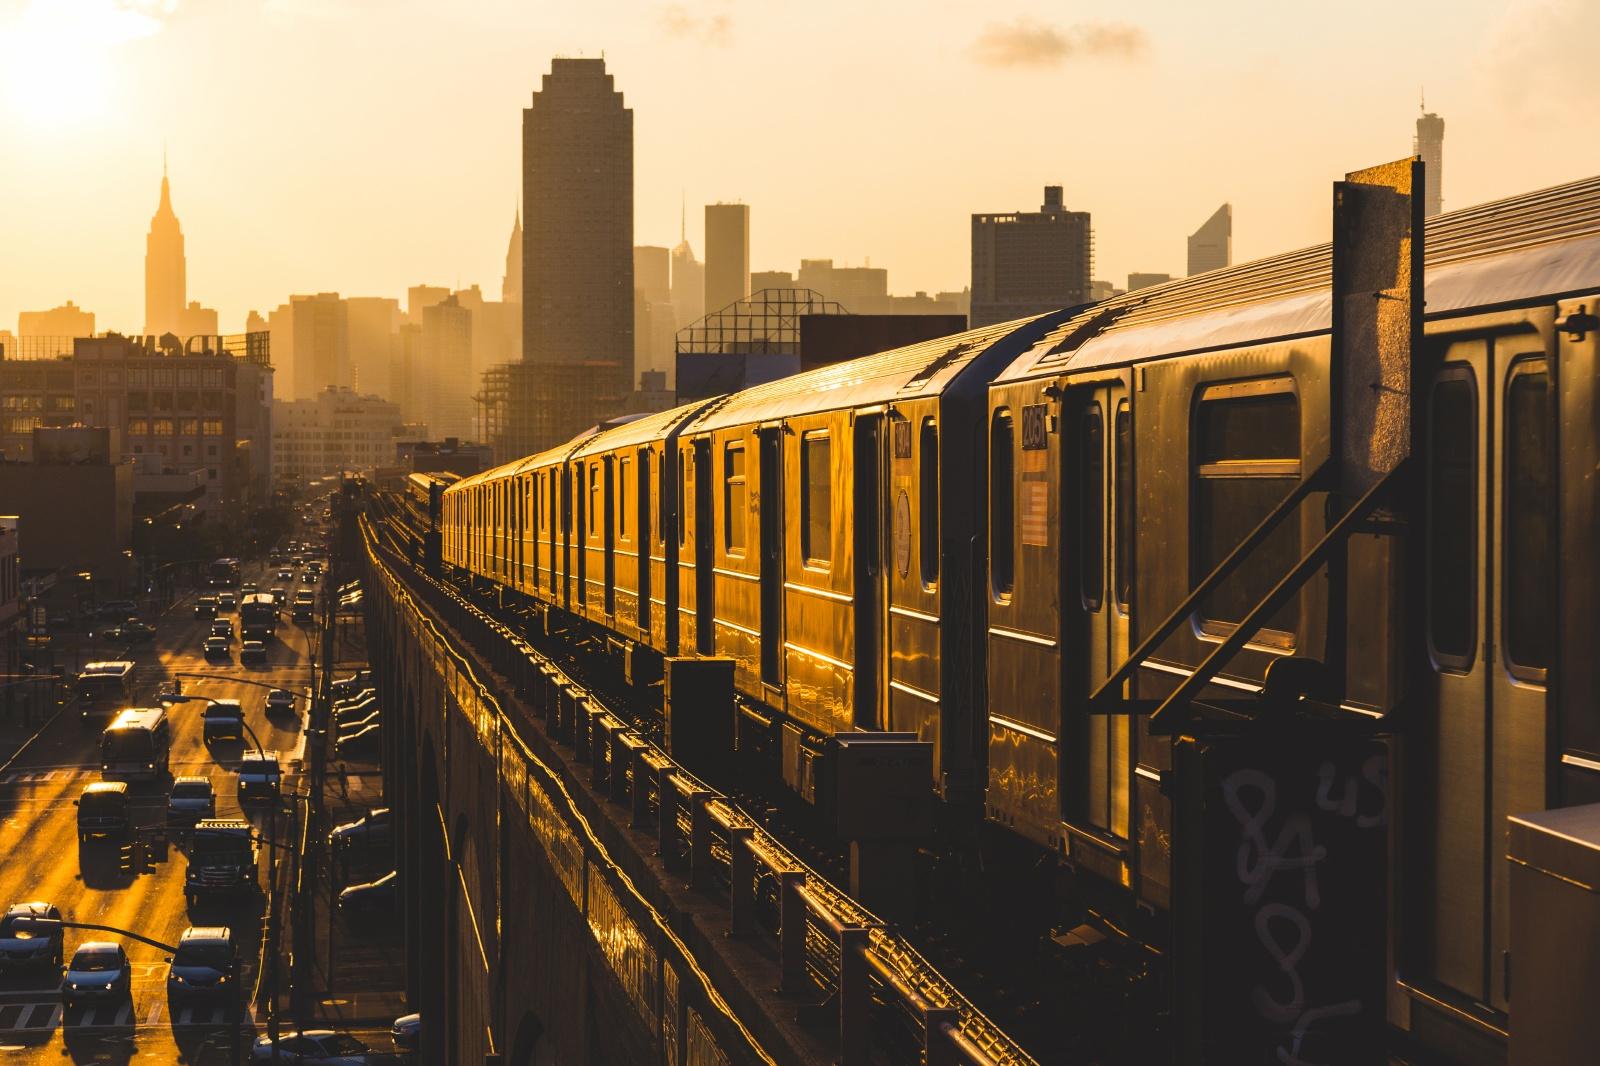 夕日を浴びて走るニューヨークの地下鉄 アメリカの鉄道風景